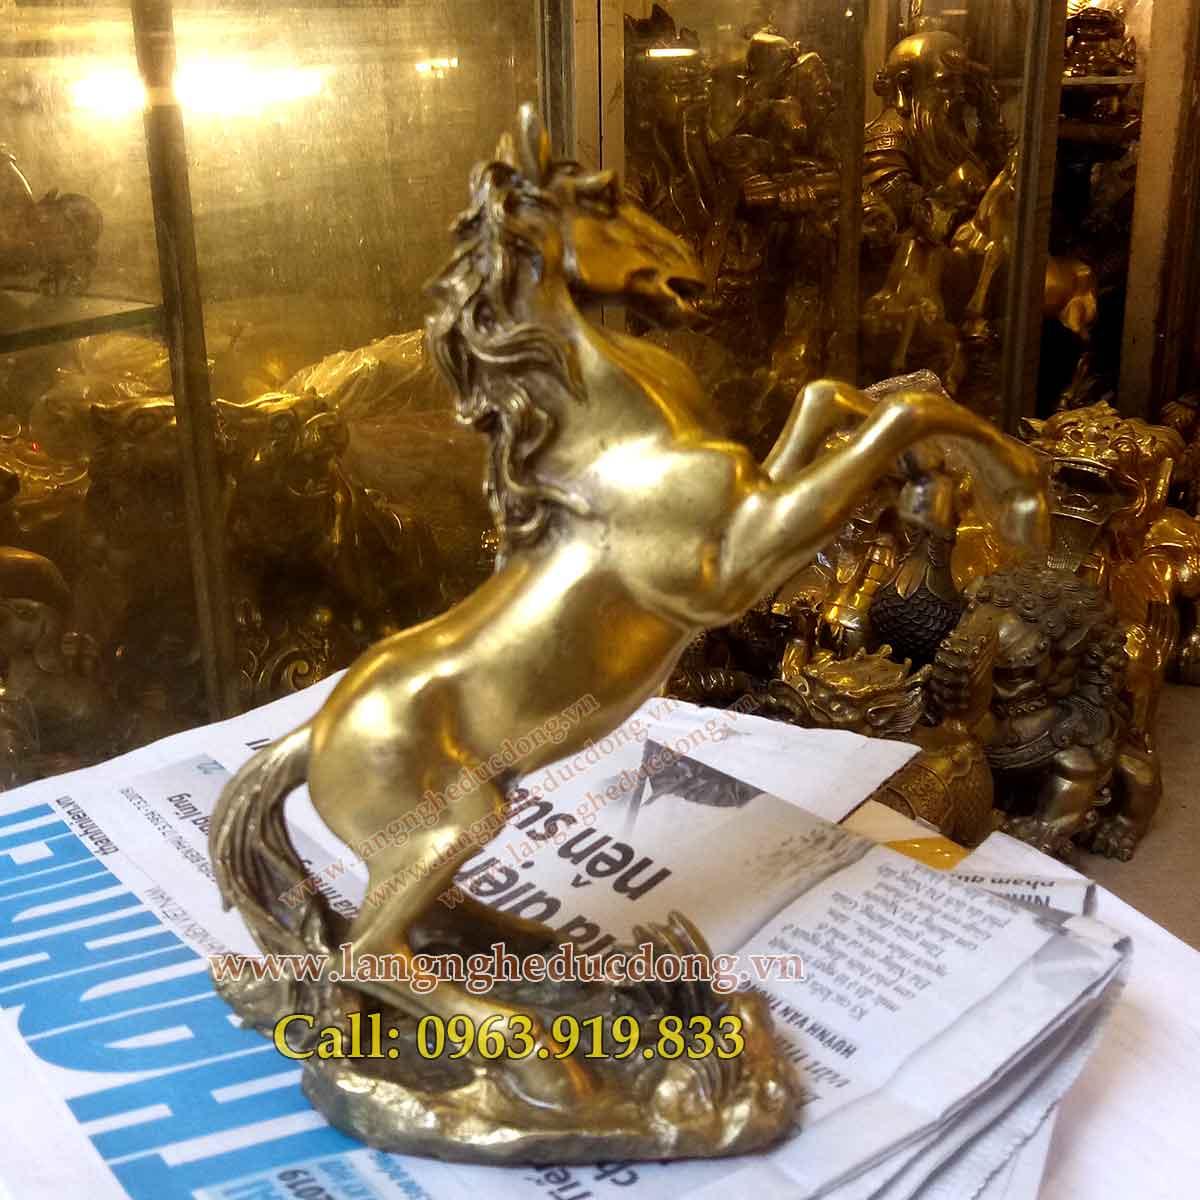 langngheducdong.vn - tượng đồng, tượng ngựa bằng đồng, mẫu tượng ngựa đồng